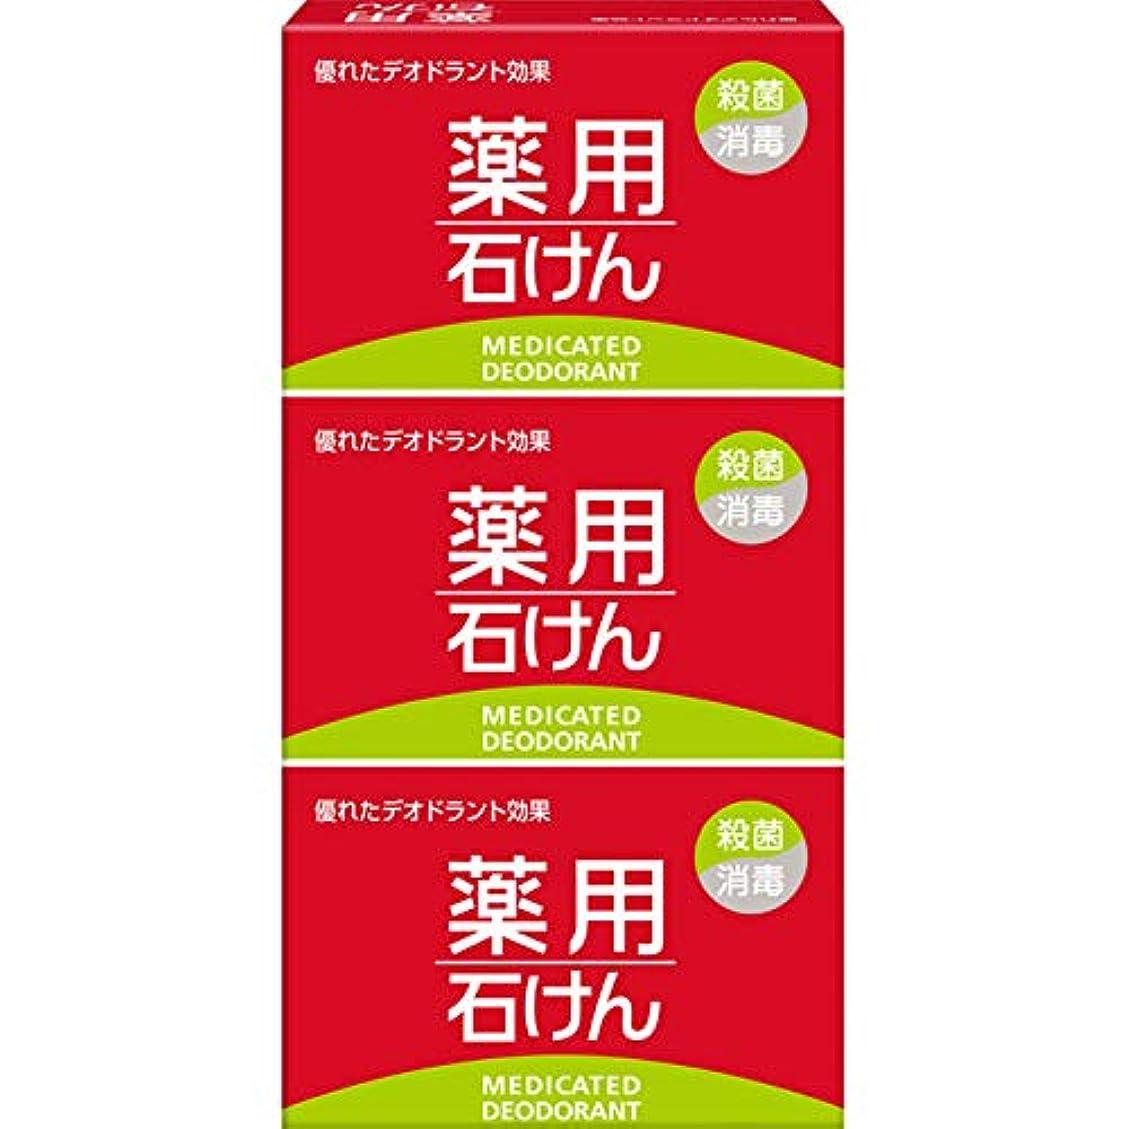 年金受給者キルスクレデンシャルMK 薬用石けん 100g×3個 (医薬部外品)